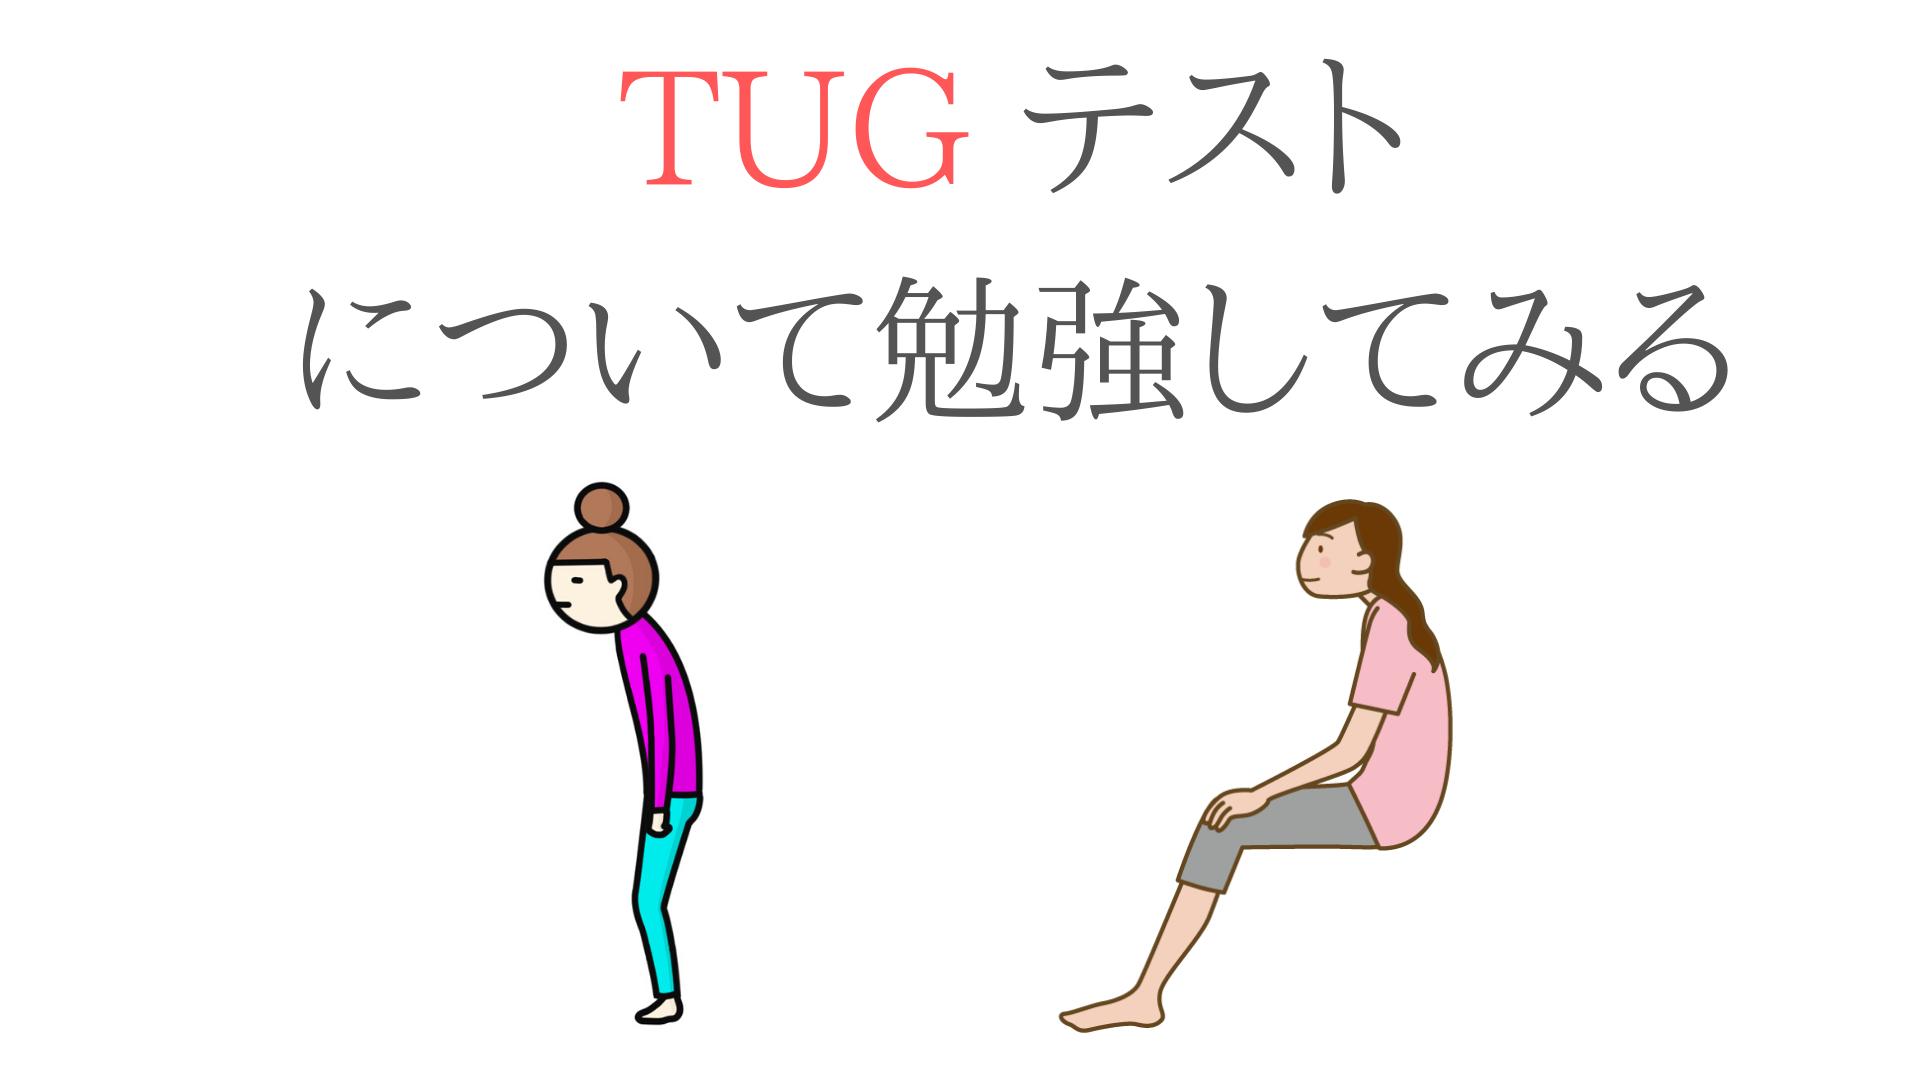 200以上 テスト 勉強 壁紙 Kabegamigazo 壁紙画像